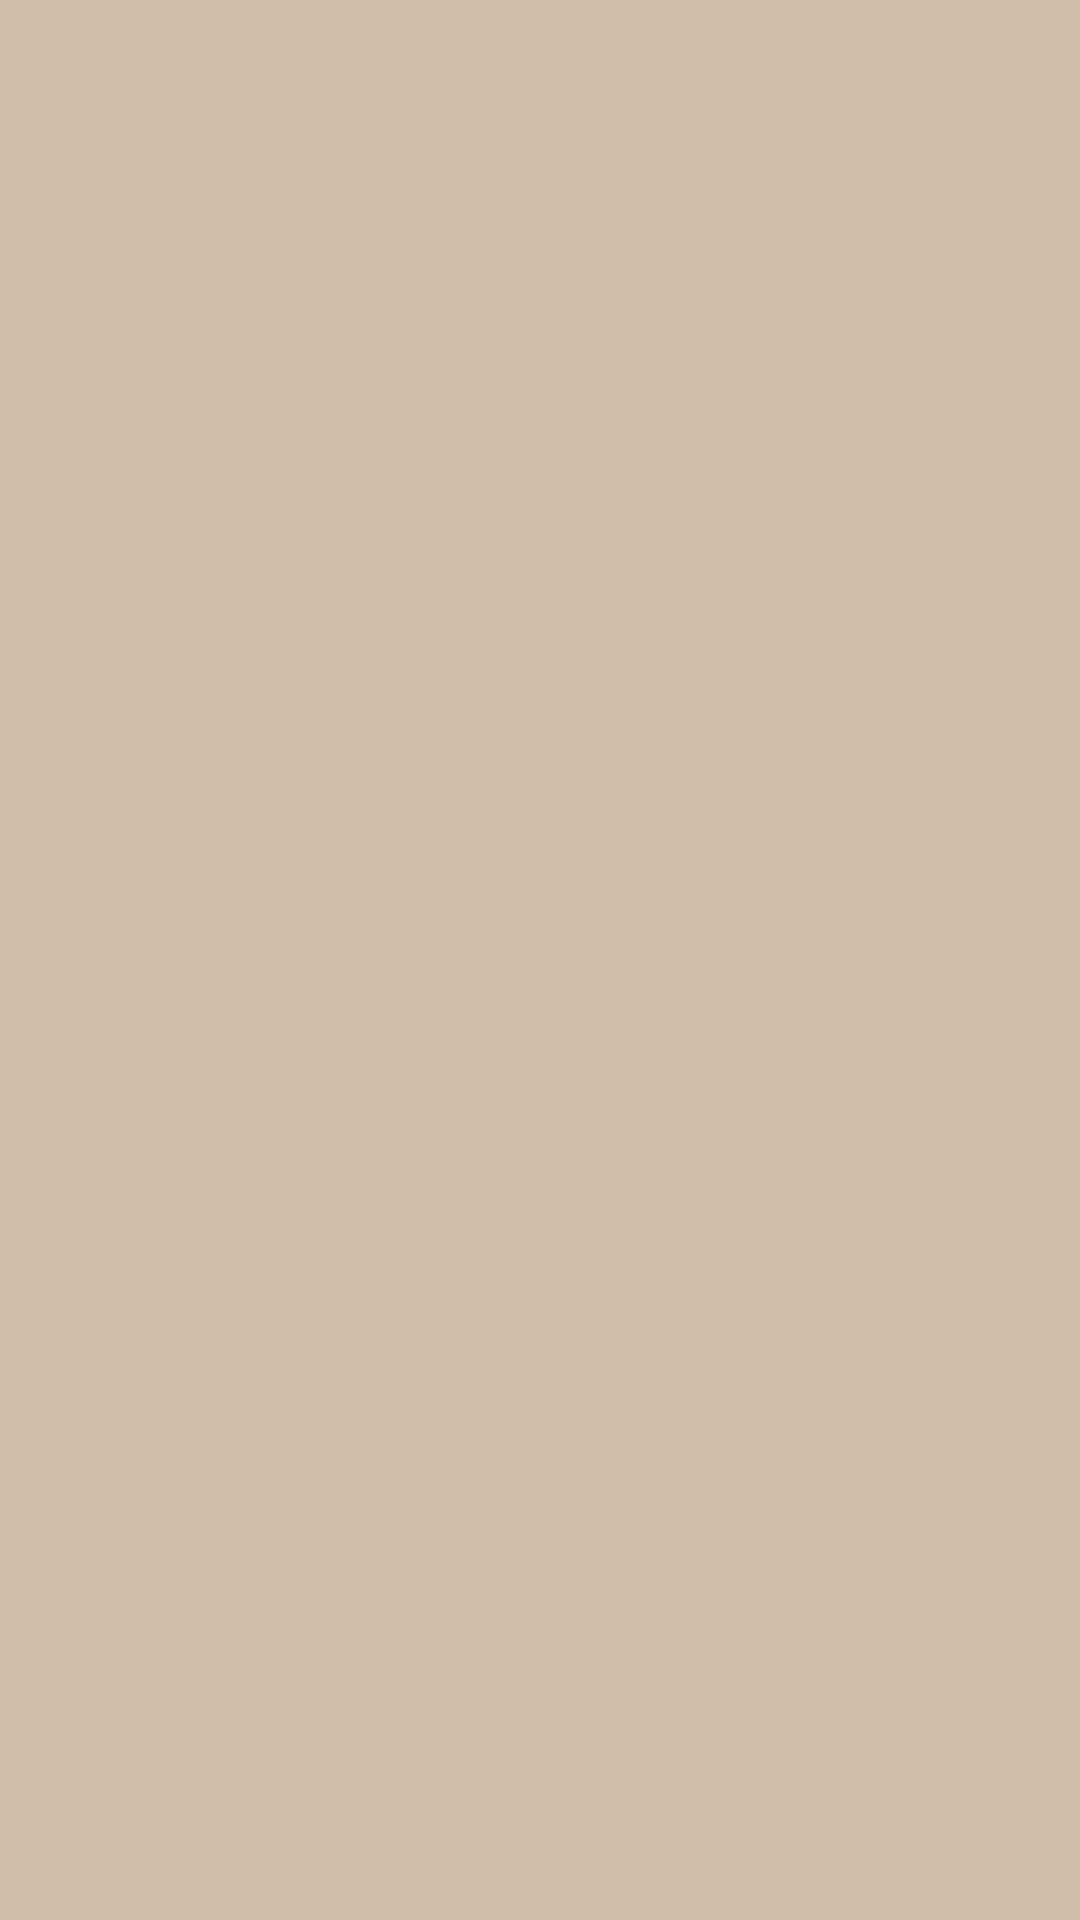 1080x1920 Dark Vanilla Solid Color Background